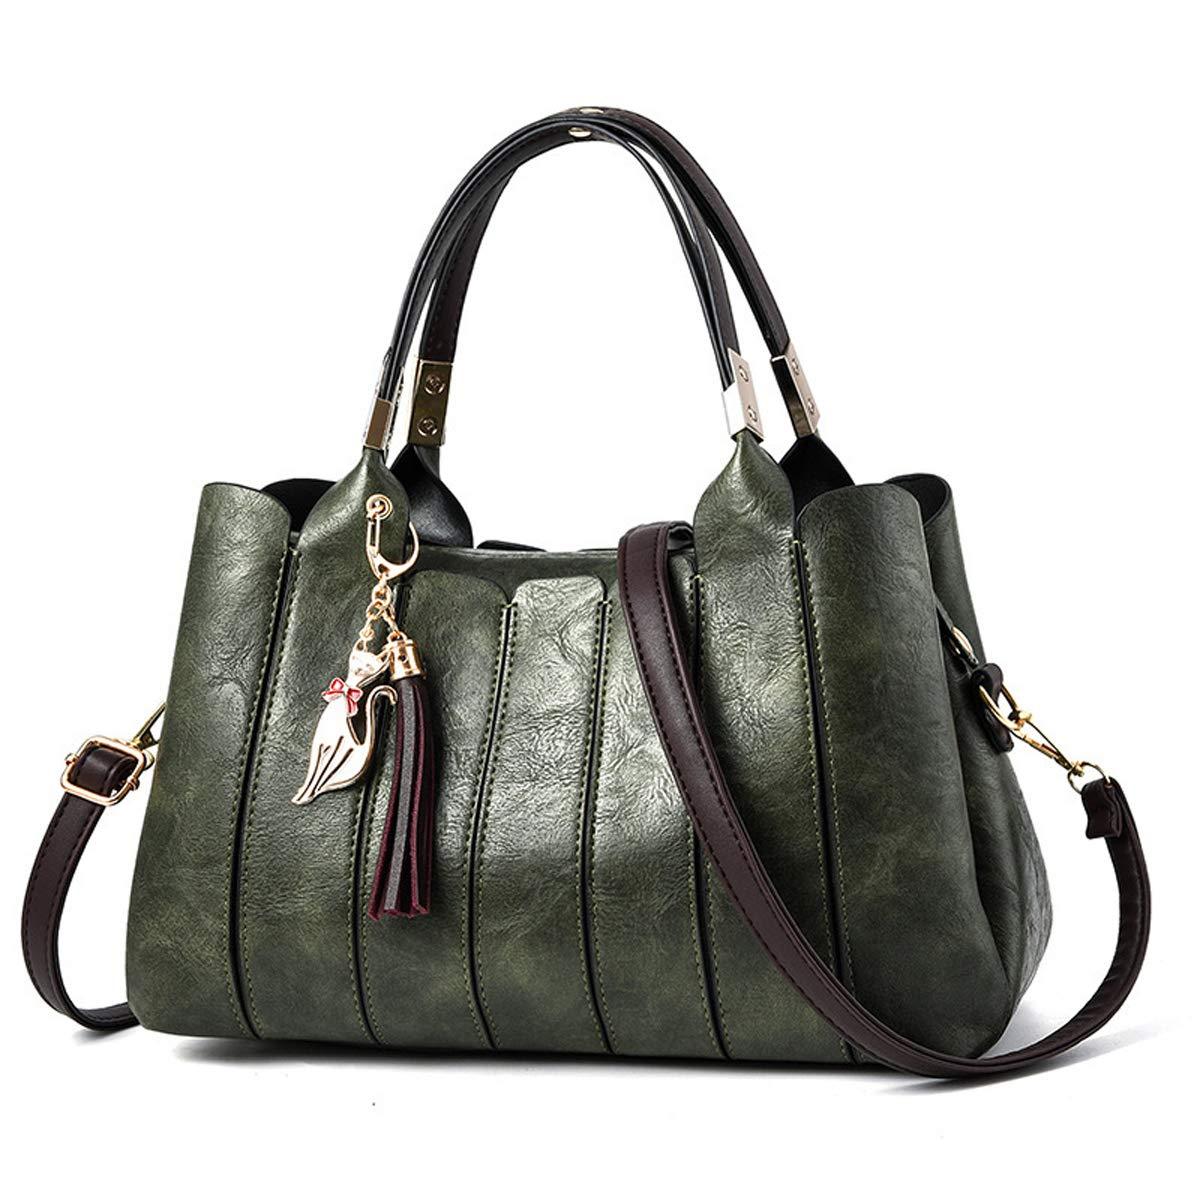 Damentasche Exull-92090 Handtasche Damen Leder Handtasche Schultertasche lässigen Tasche Handtasche Elegant B07MWVGVFS Henkeltaschen Reichhaltiges Design